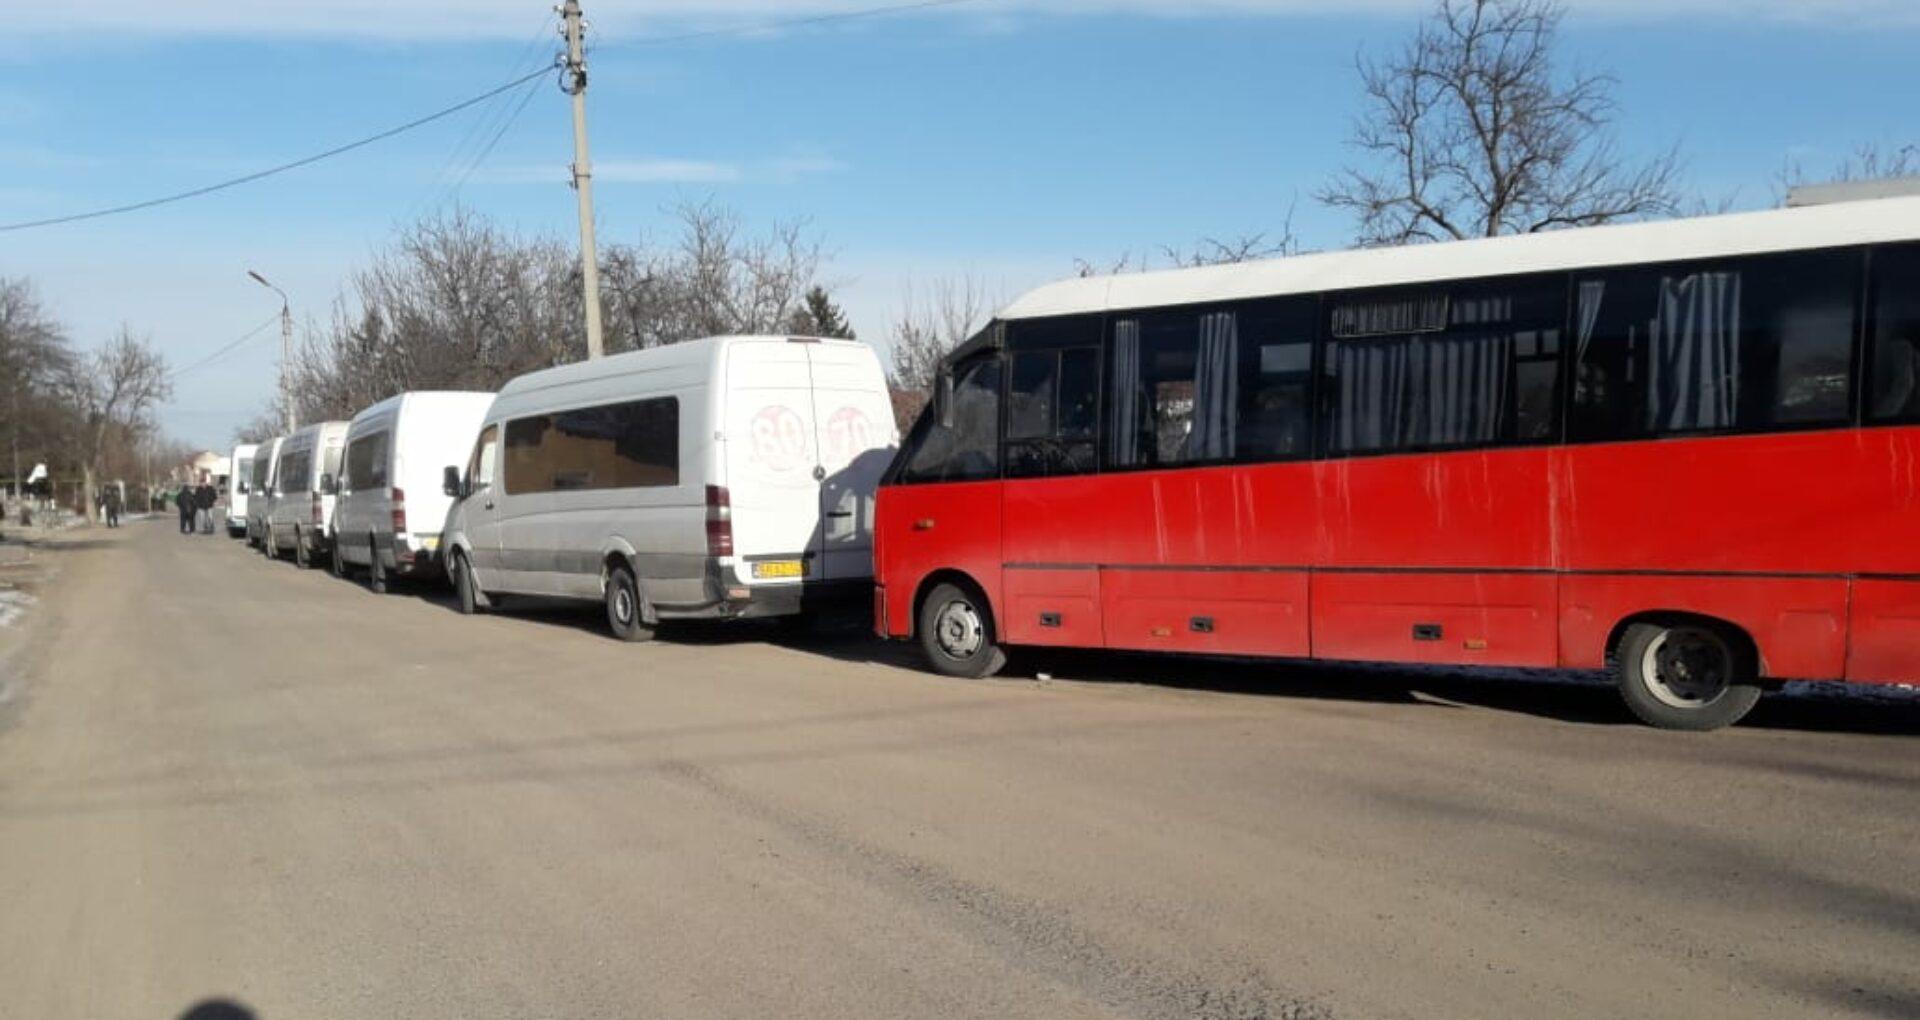 Agenția Națională Transport Auto spune că de alegeri va face controale și monitoriza deplasarea mașinilor cu capacitate mai mare de 8 pasageri